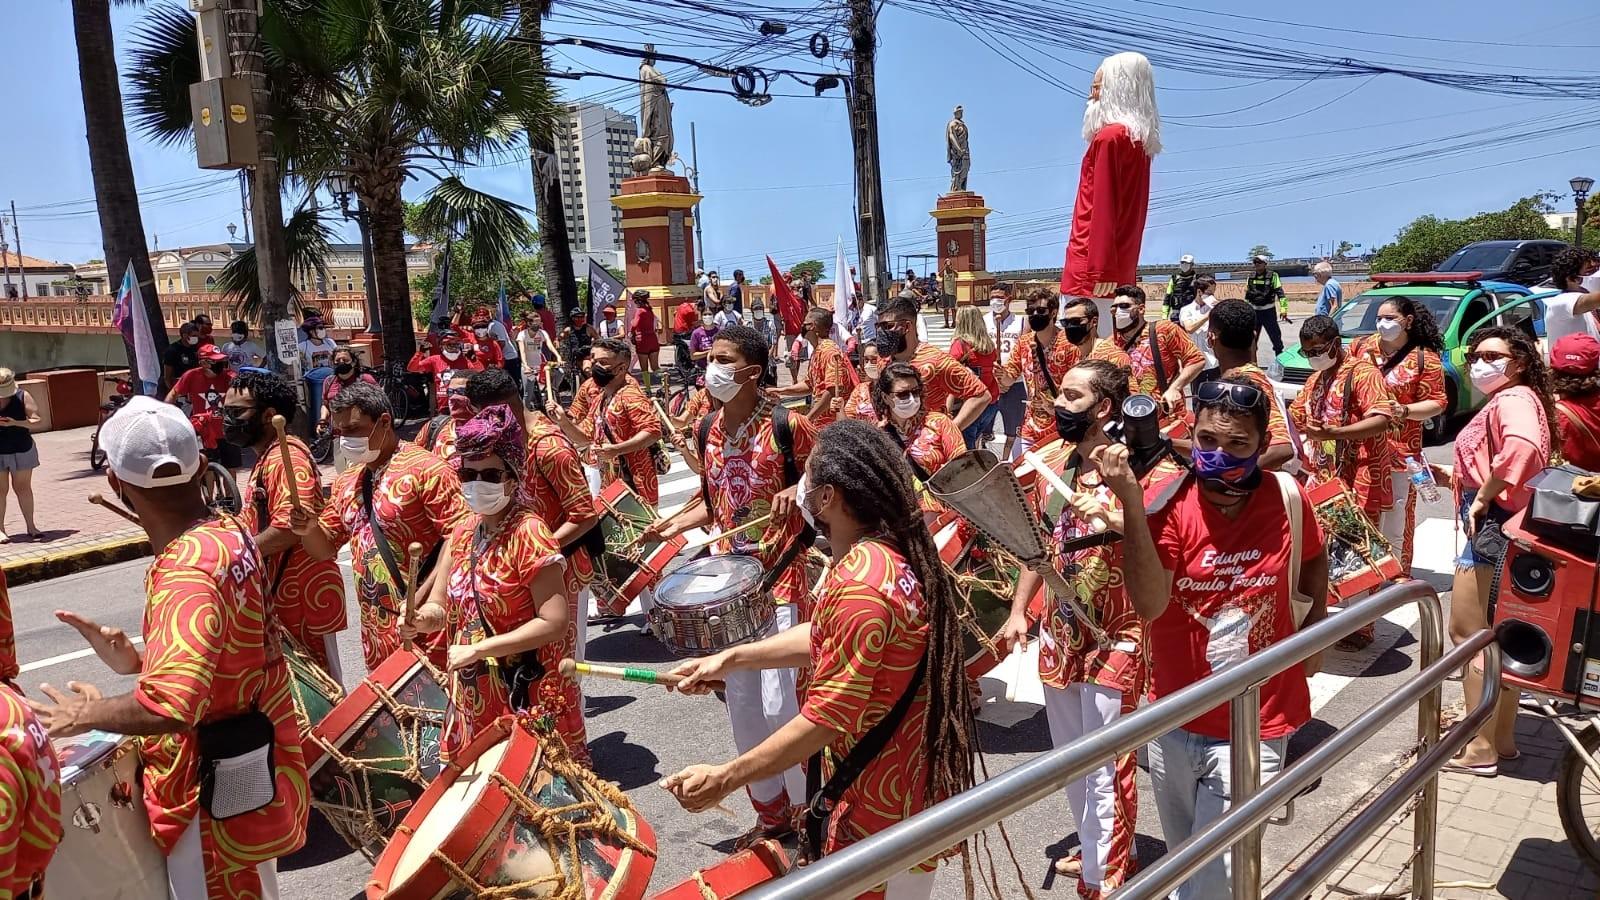 Centenário de Paulo Freire é celebrado com música, live com Alceu Valença, cortejo e homenagens no Recife